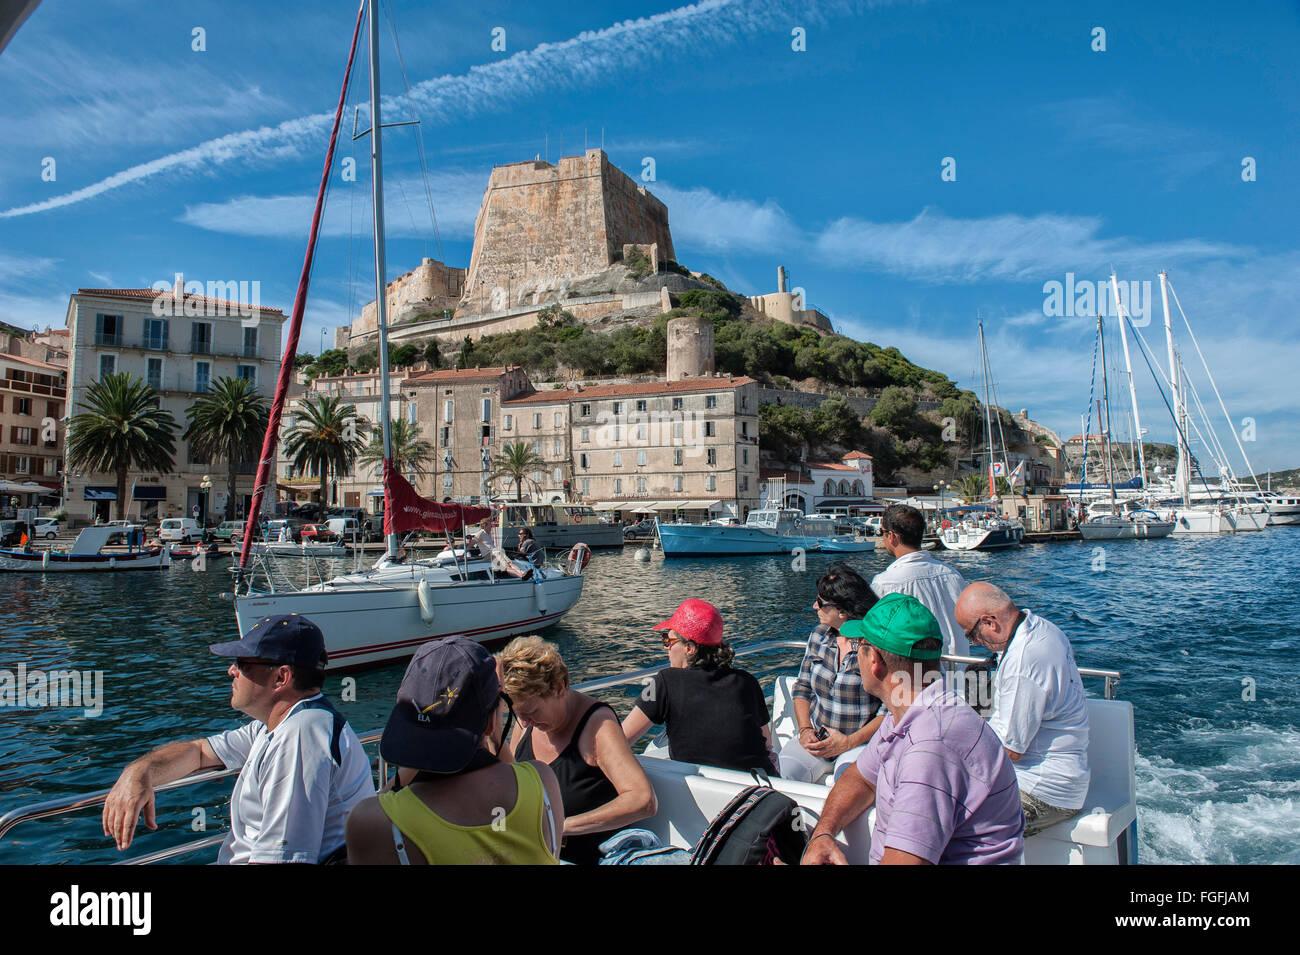 Viaje en barco alrededor de Bonifacio en Córcega, Francia. Imagen De Stock